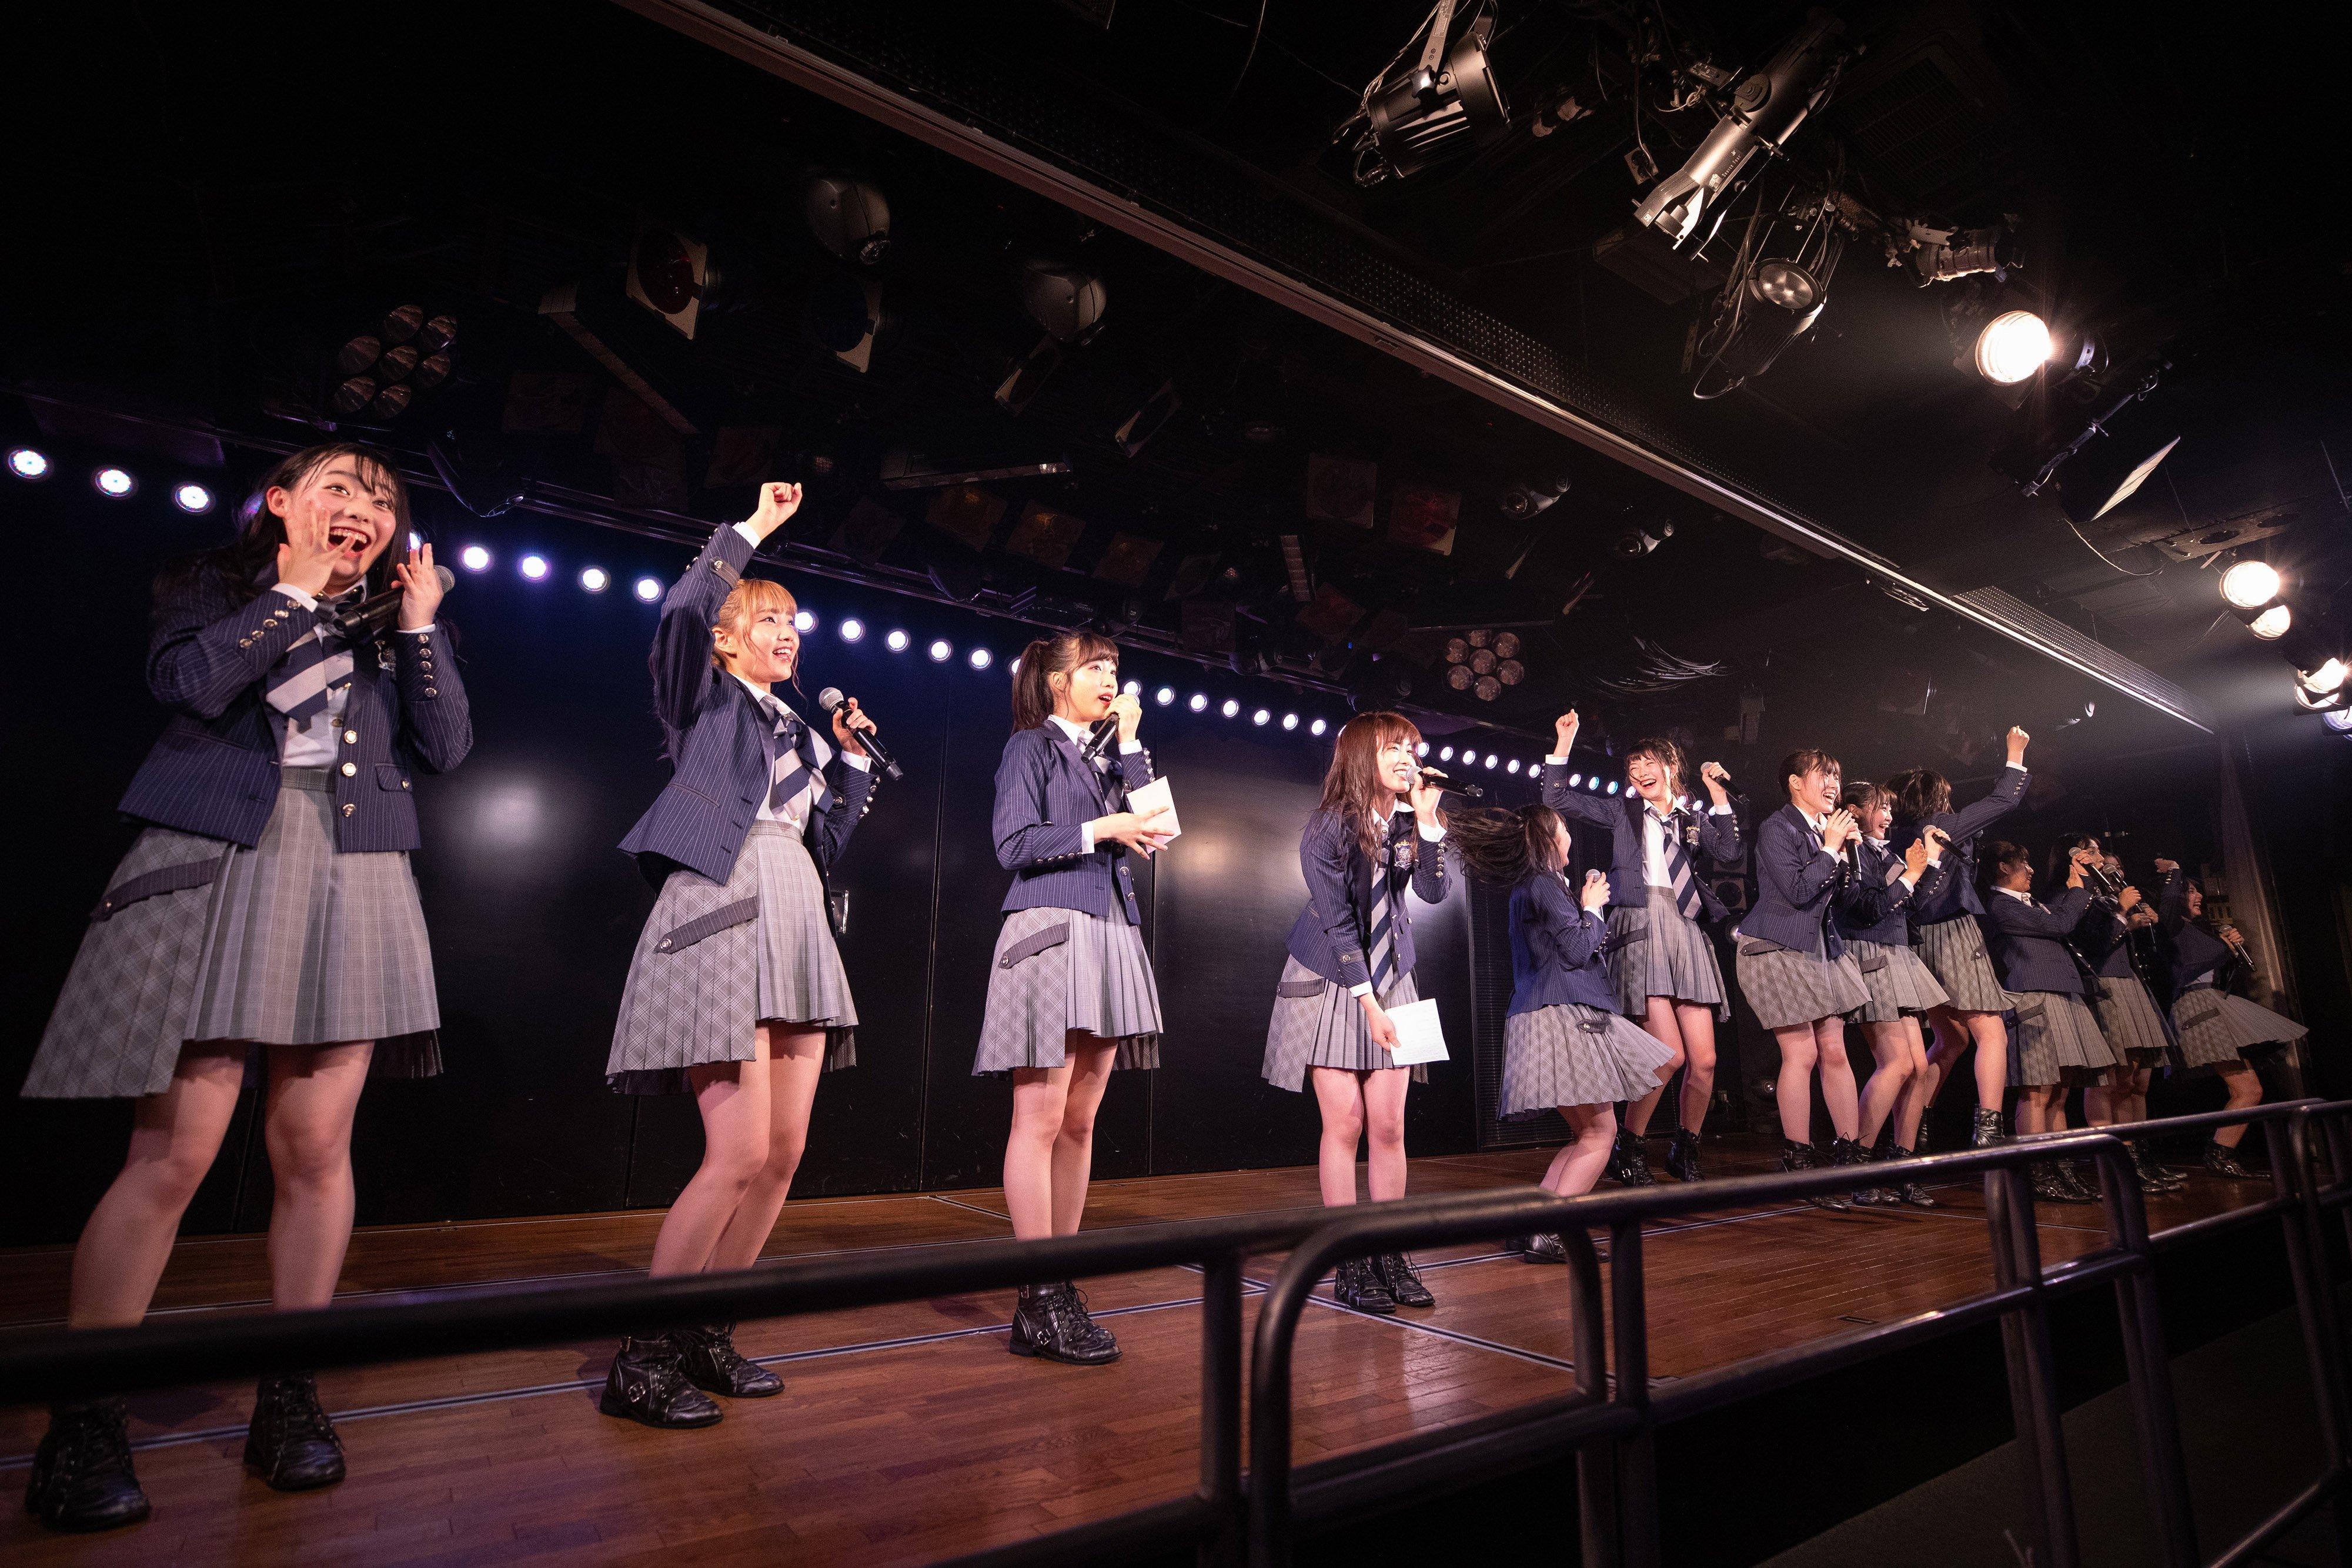 ⽇本全国10か所を巡る「AKB48全国ツアー2019」が7月から開始!【写真5枚】の画像003